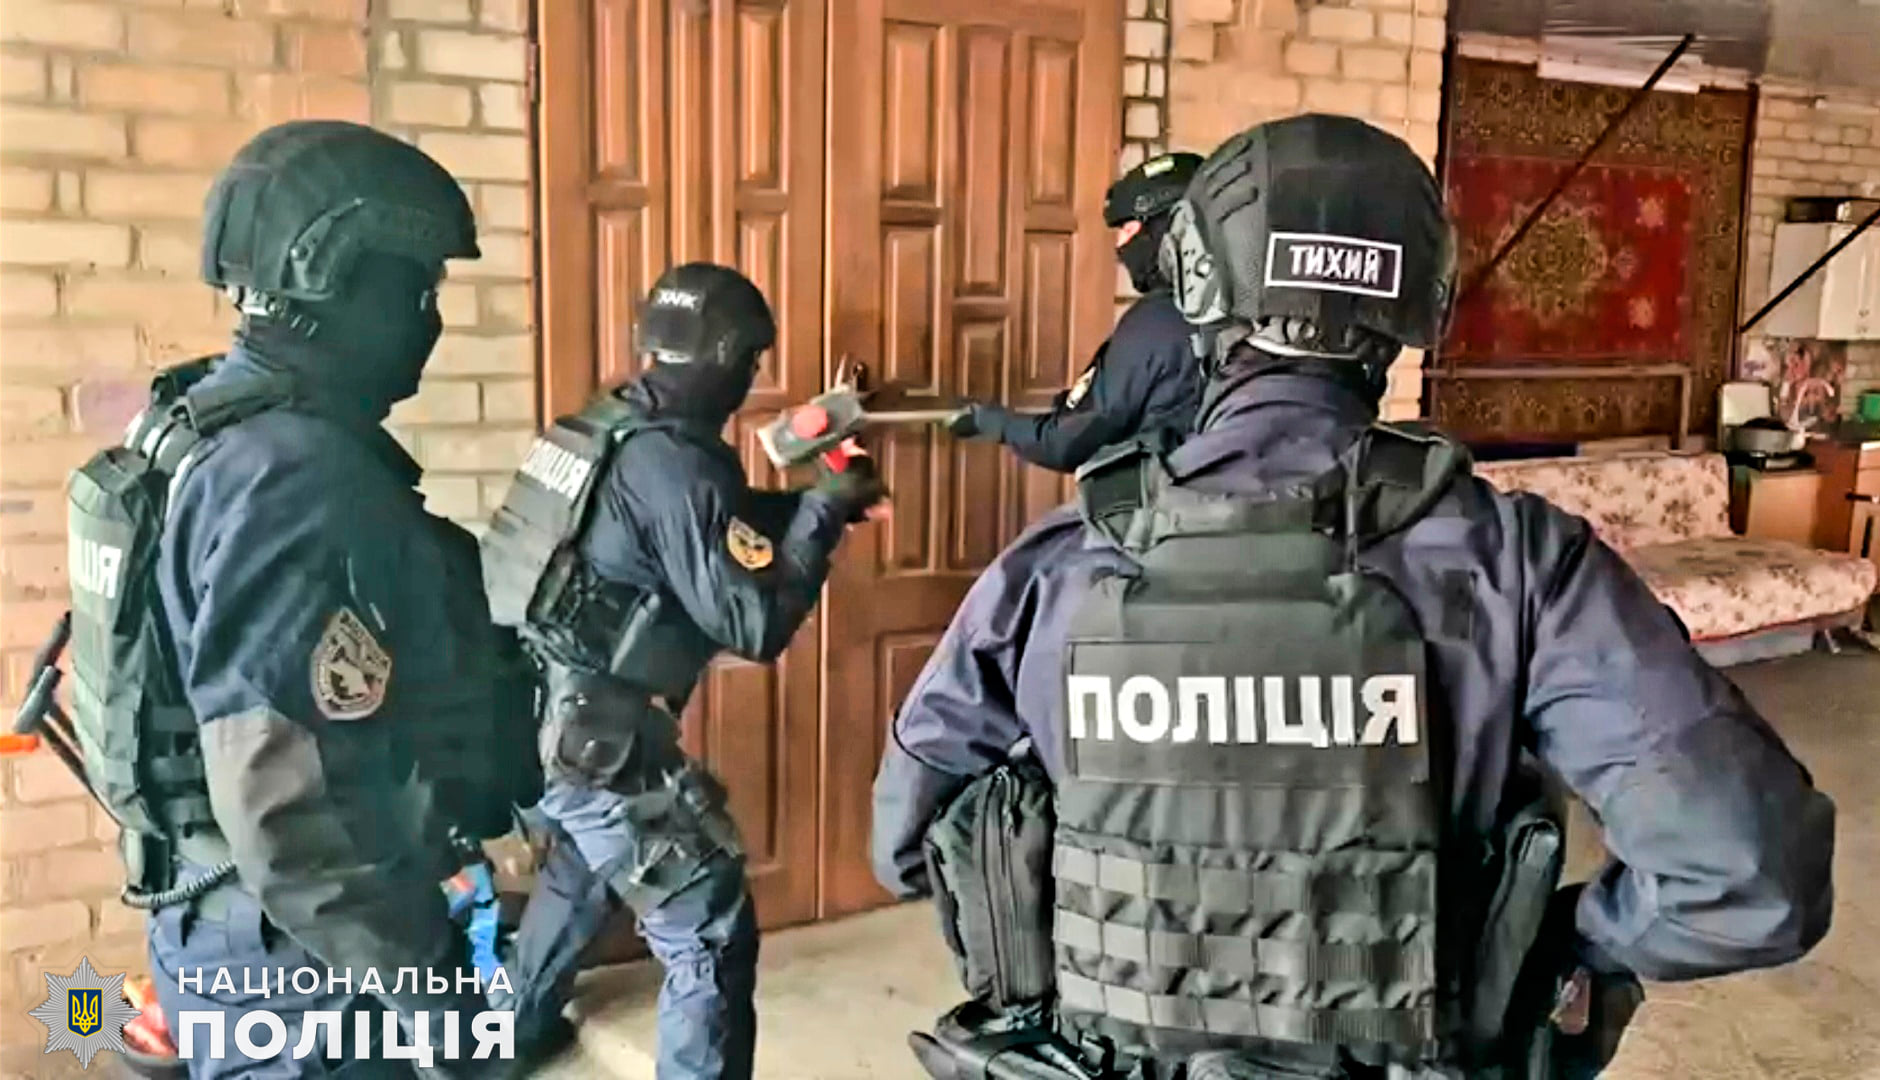 Спецназ задержал аферистов из Никополя, совершивших более  полусотни краж по всей Украине